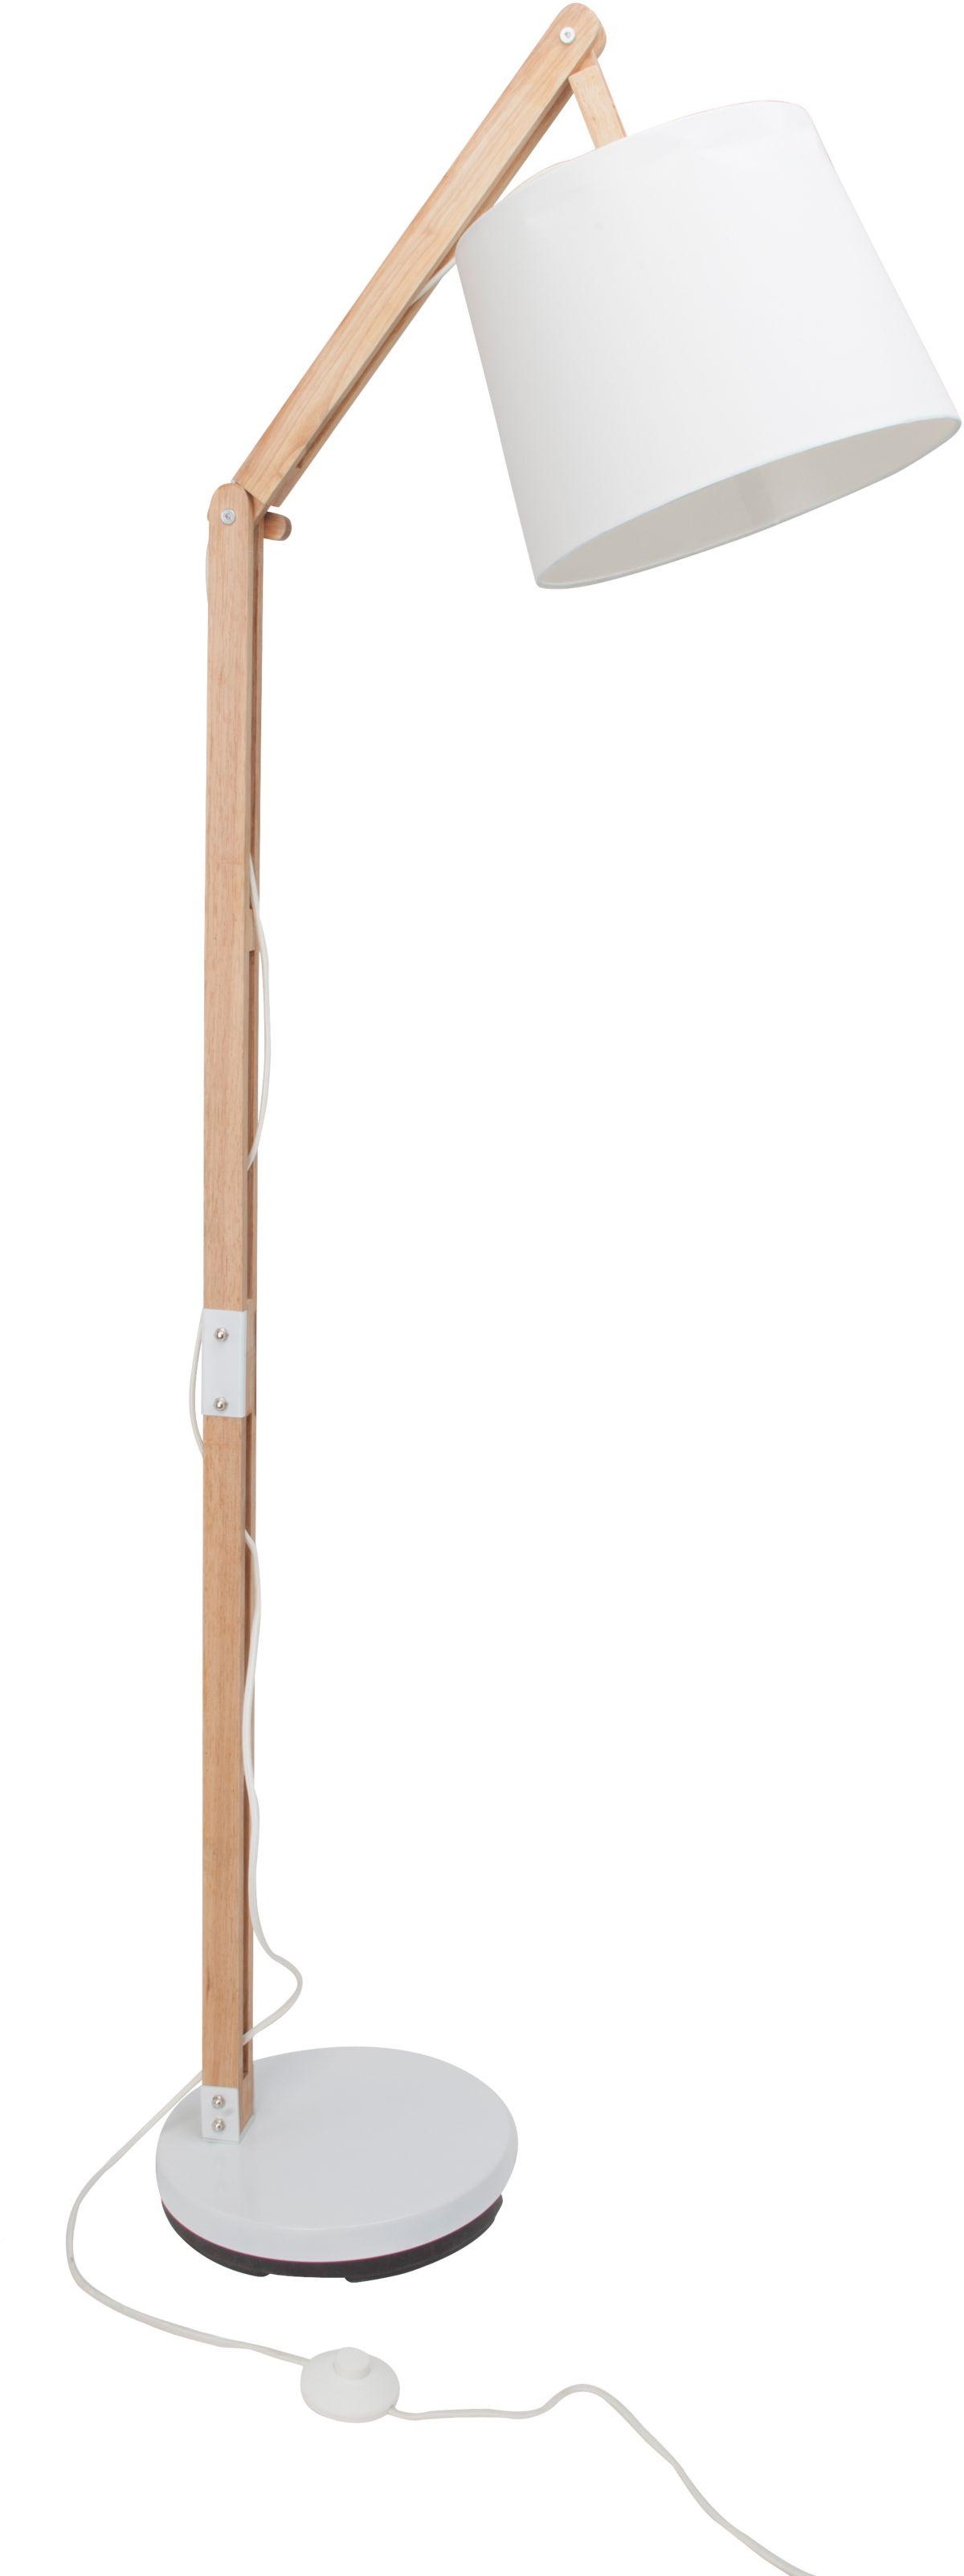 stehlampe preise vergleichen und g nstig einkaufen bei. Black Bedroom Furniture Sets. Home Design Ideas